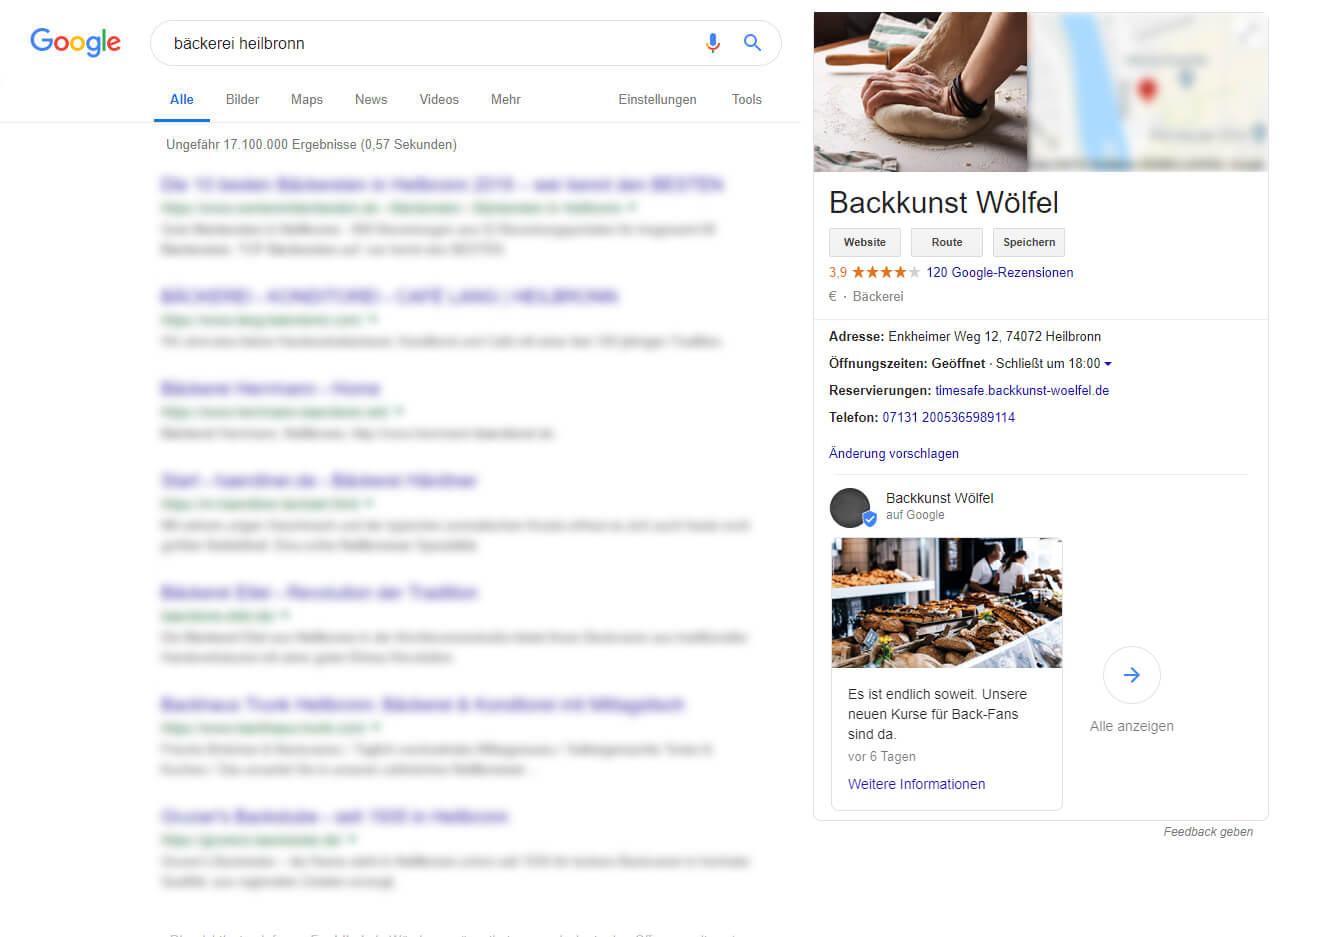 Veranstaltung online effektiv bewerben mit Google My Business